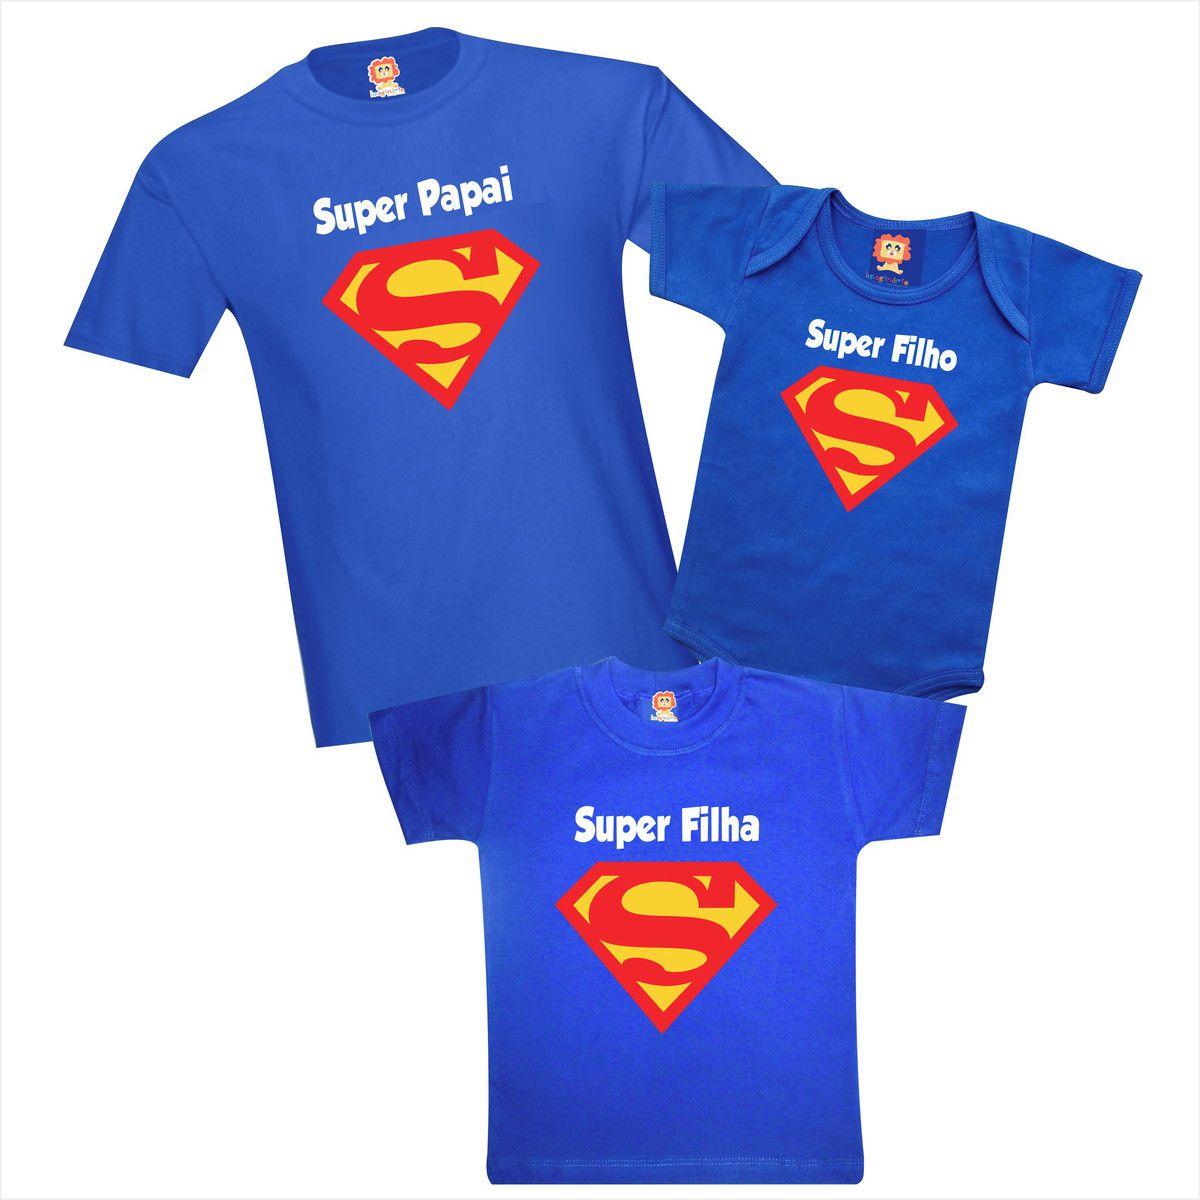 Kit Camisetas e Roupinha de Bebê Super Papai Filho Filha Dia dos Pais